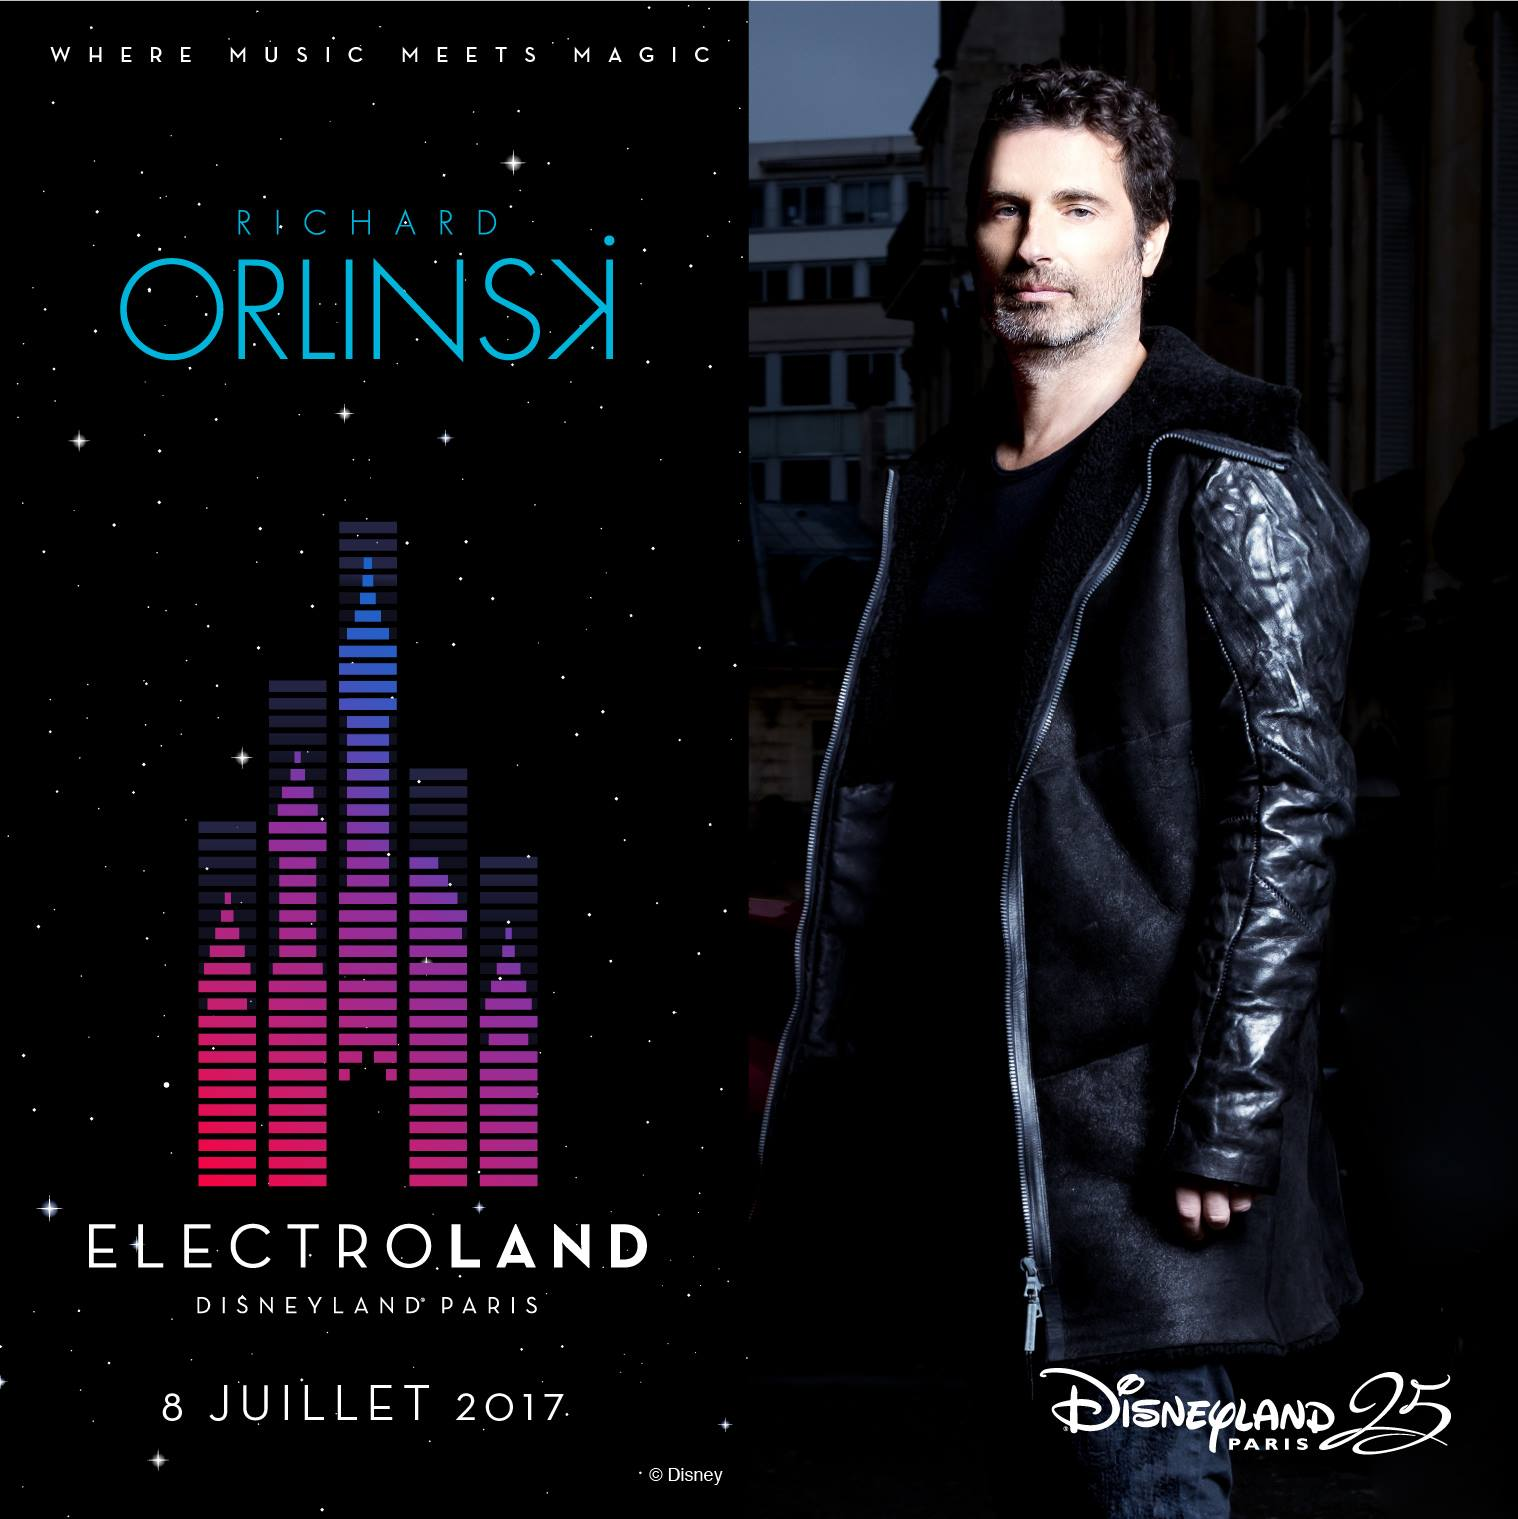 [Electroland] Le 8 juillet 2017 - Festival EDM 01-Richard_Orlinski